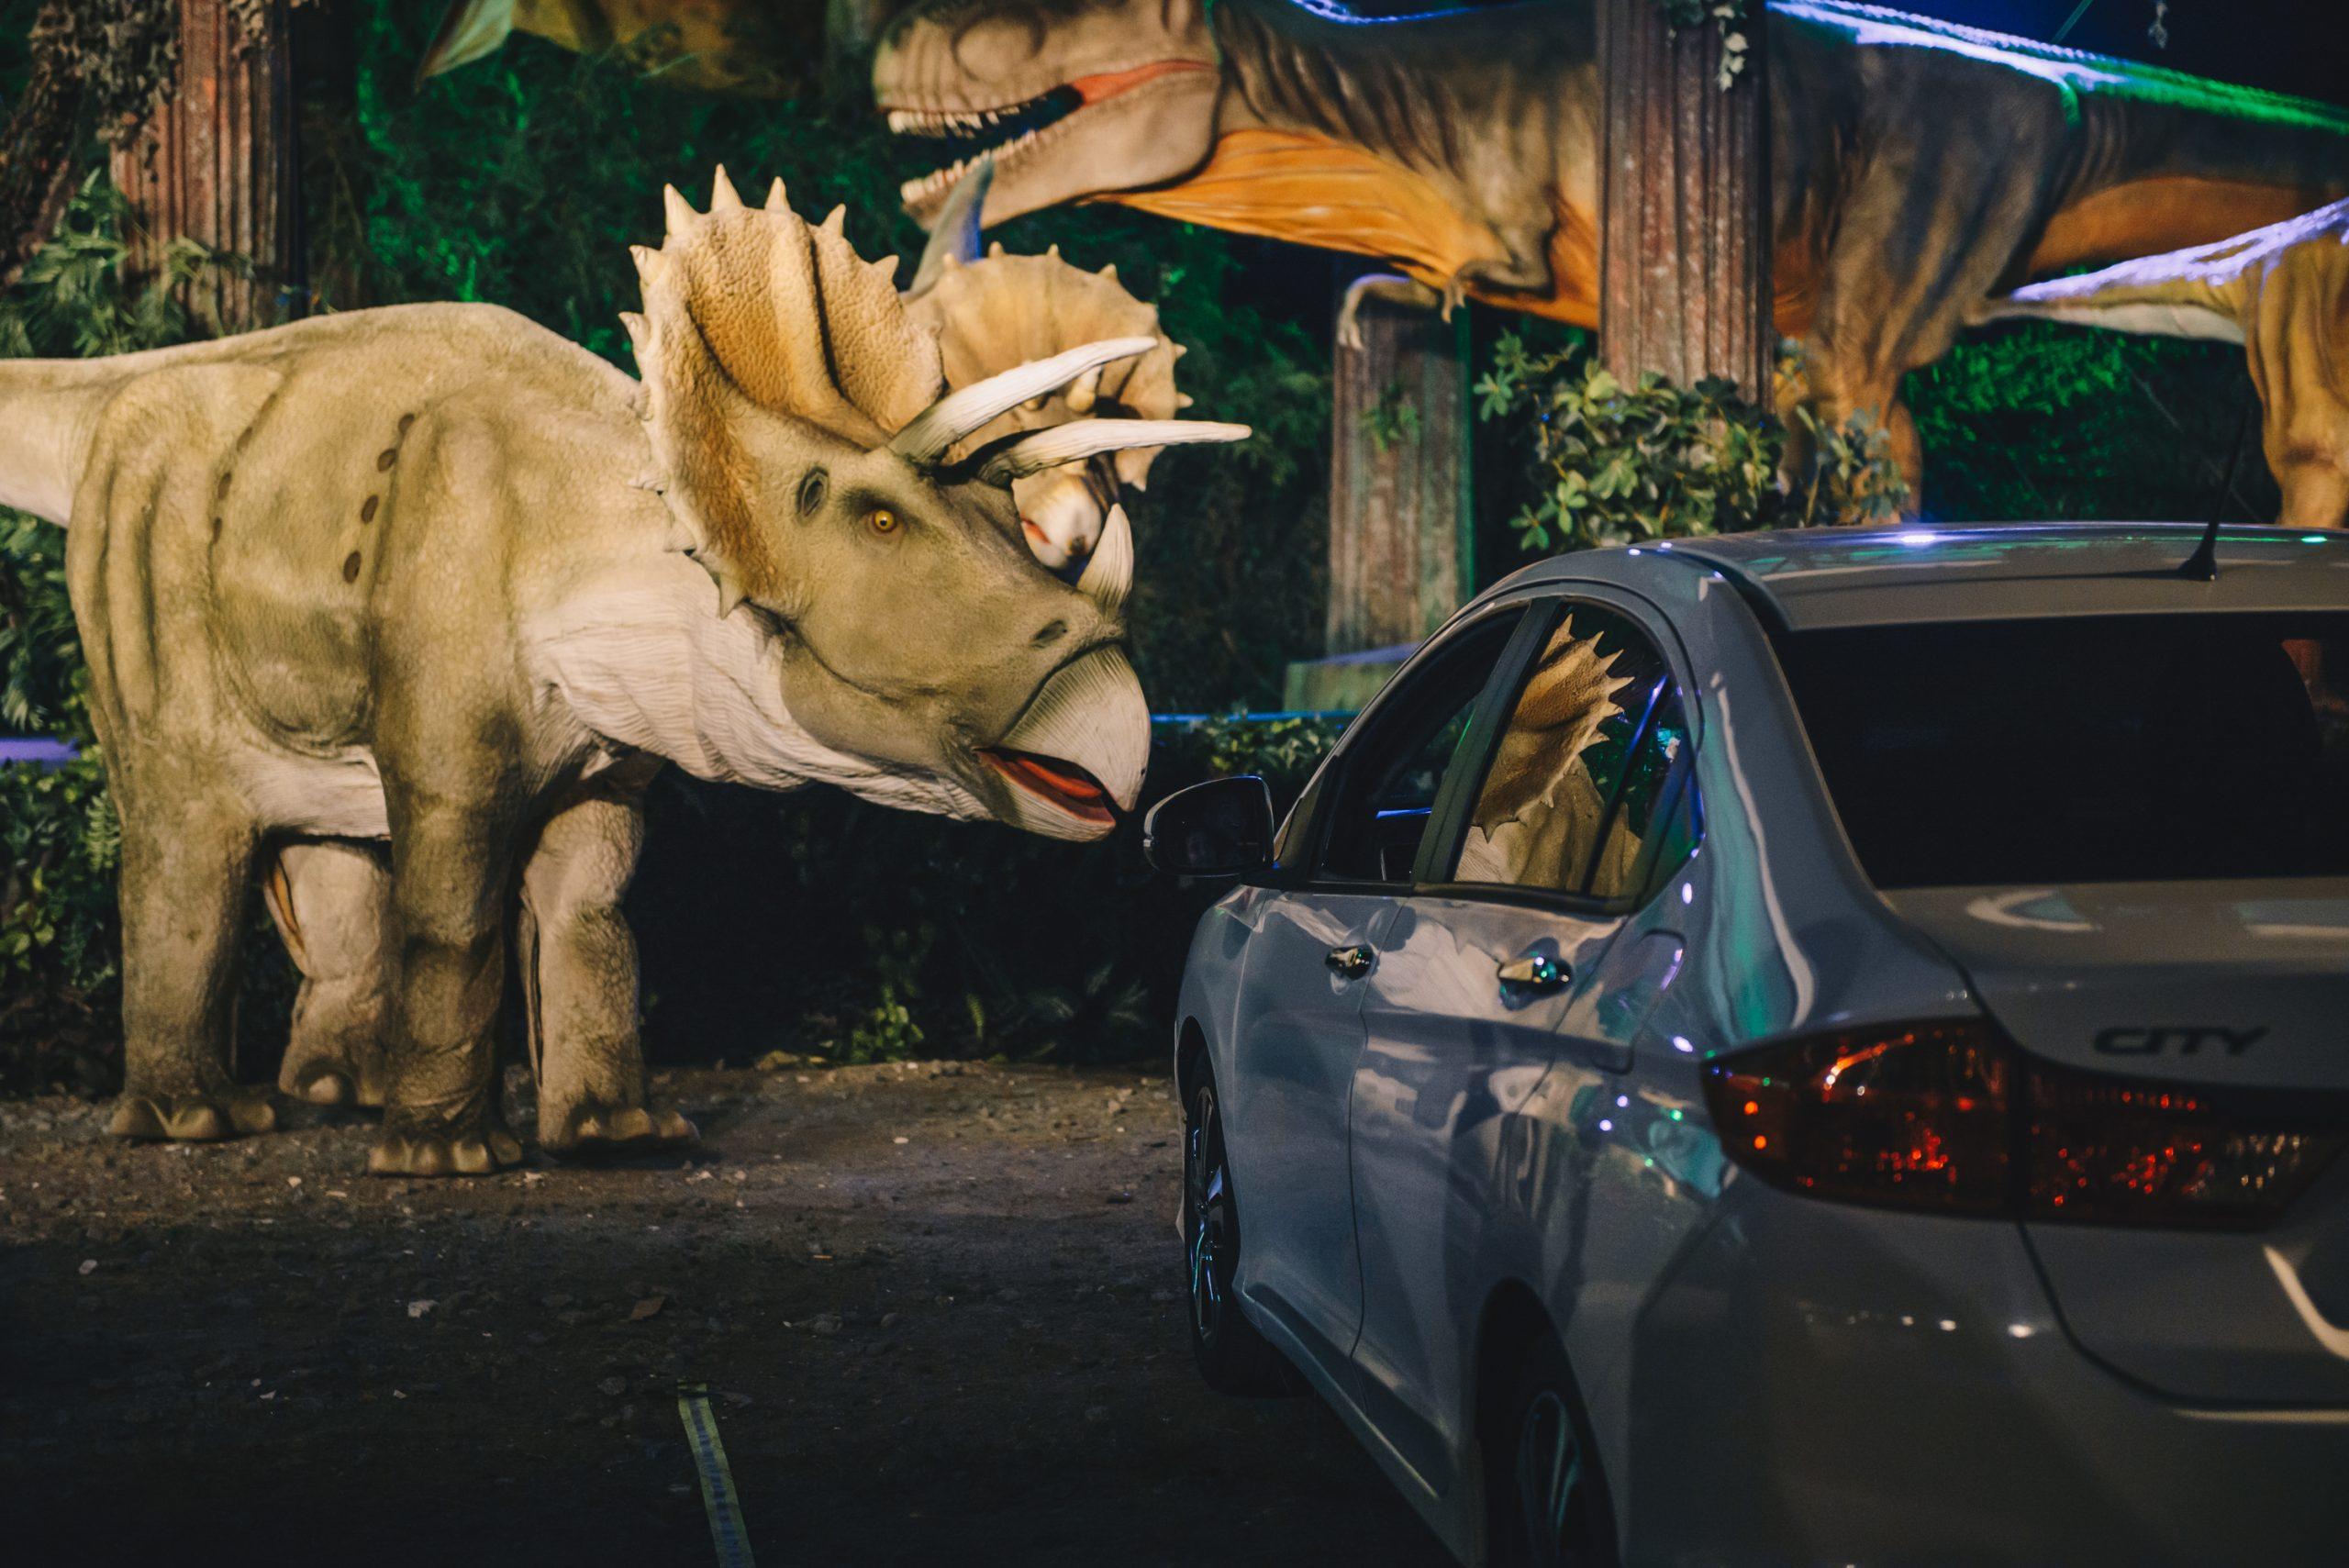 Evento-com-dinossauros-no-Rio